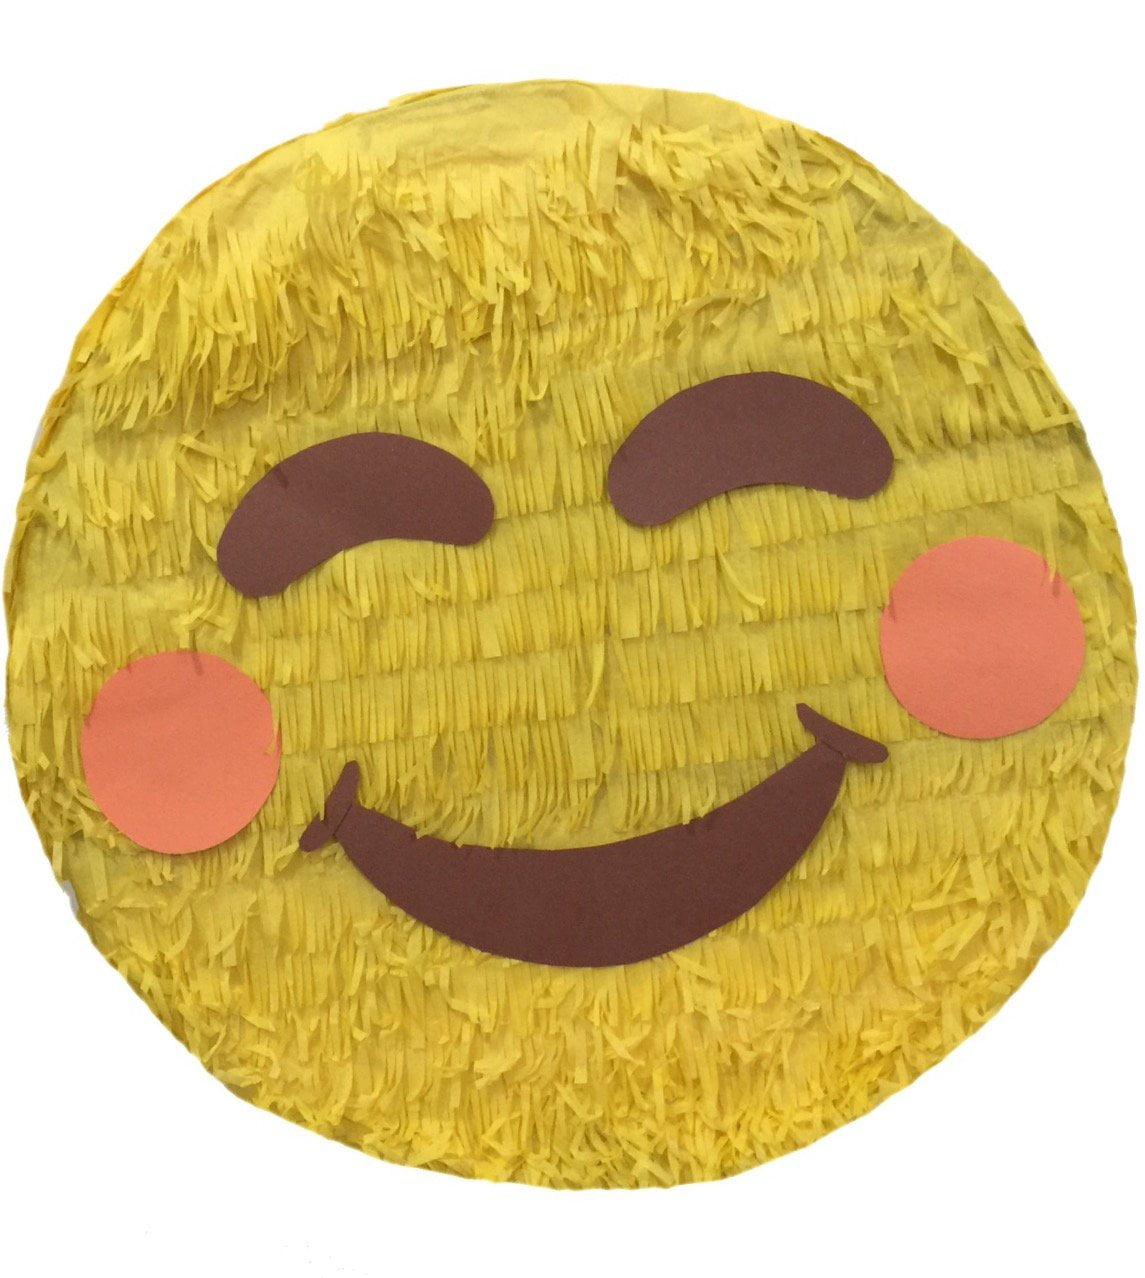 APINATA4U Blushing Emoticon Pinata